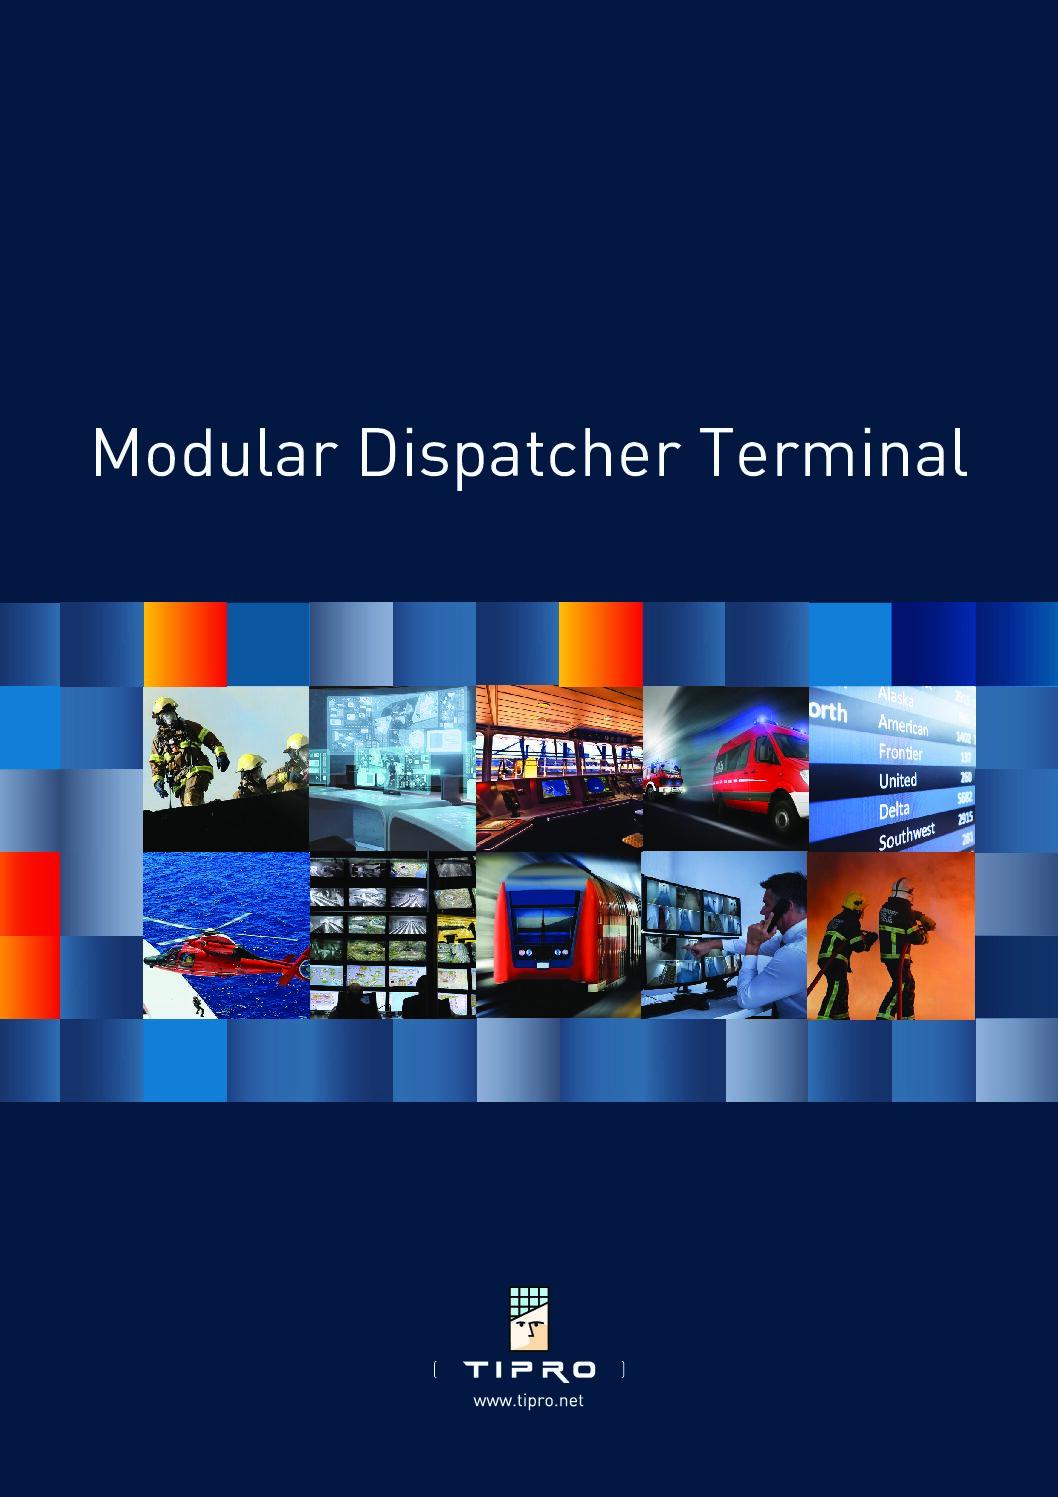 TIPRO Modular Dispatcher Terminal Brochure